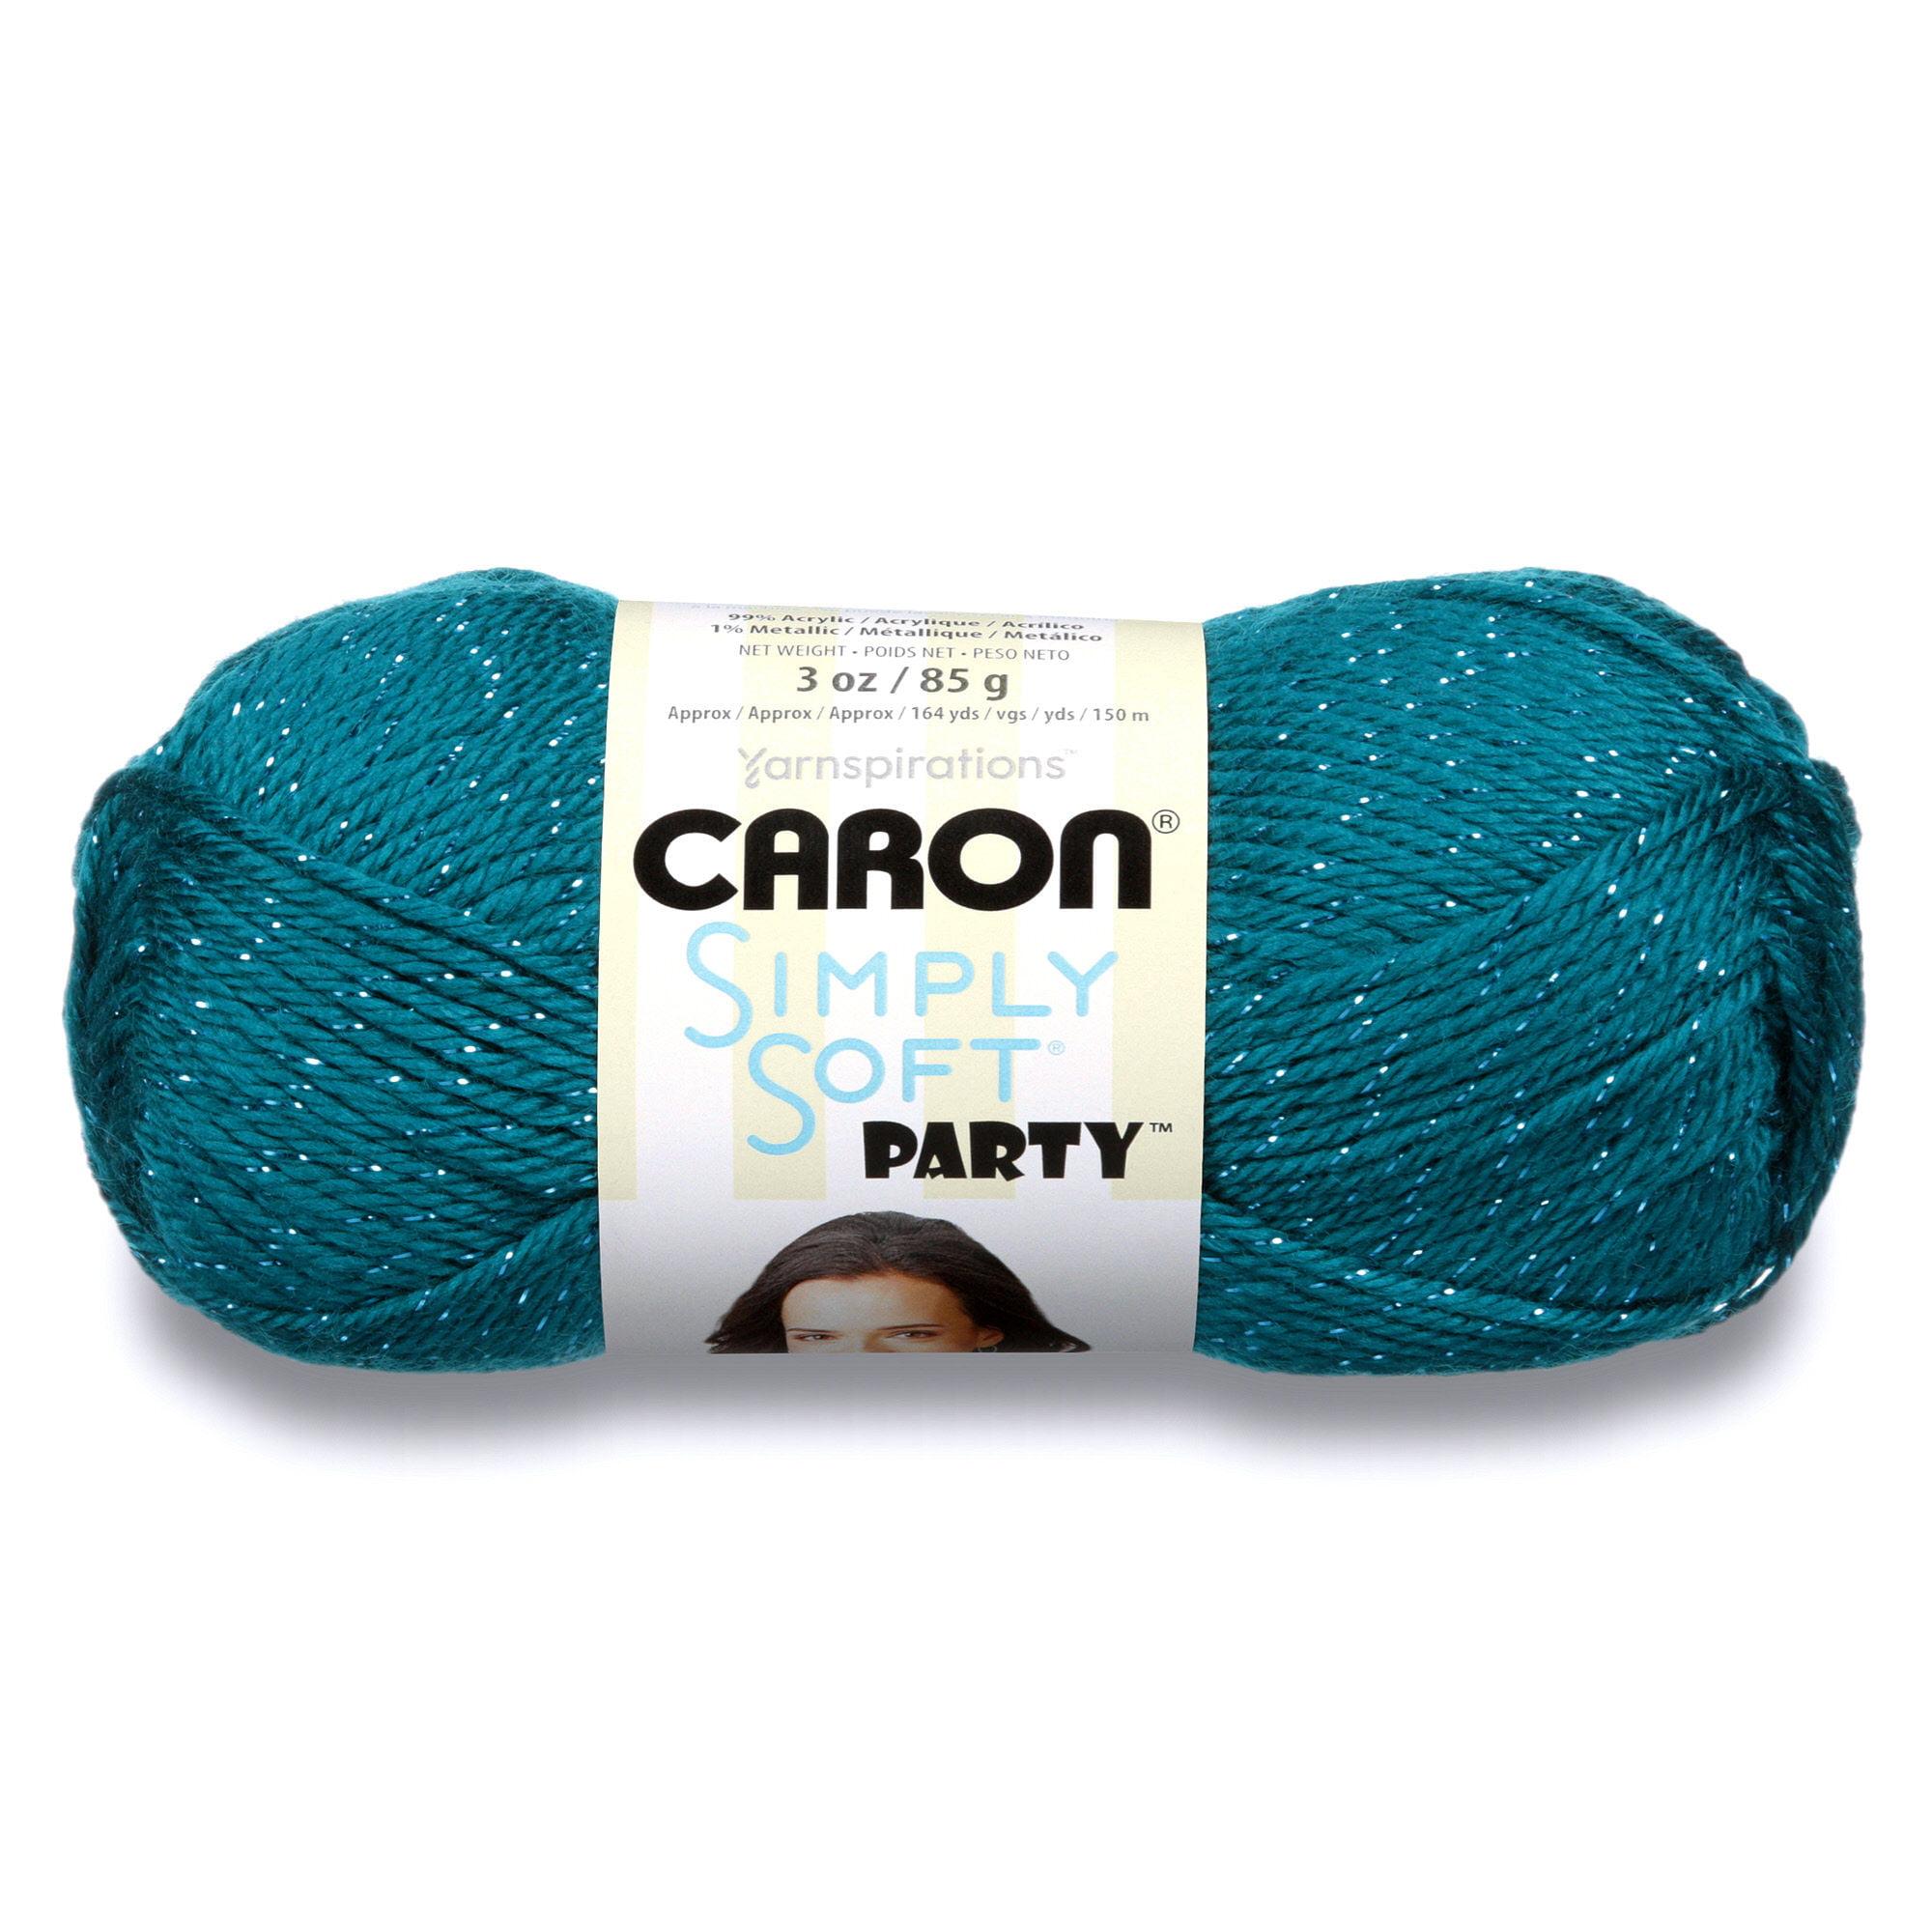 Caron Simply Soft Party Teal Sparkle Yarn, 1 Each